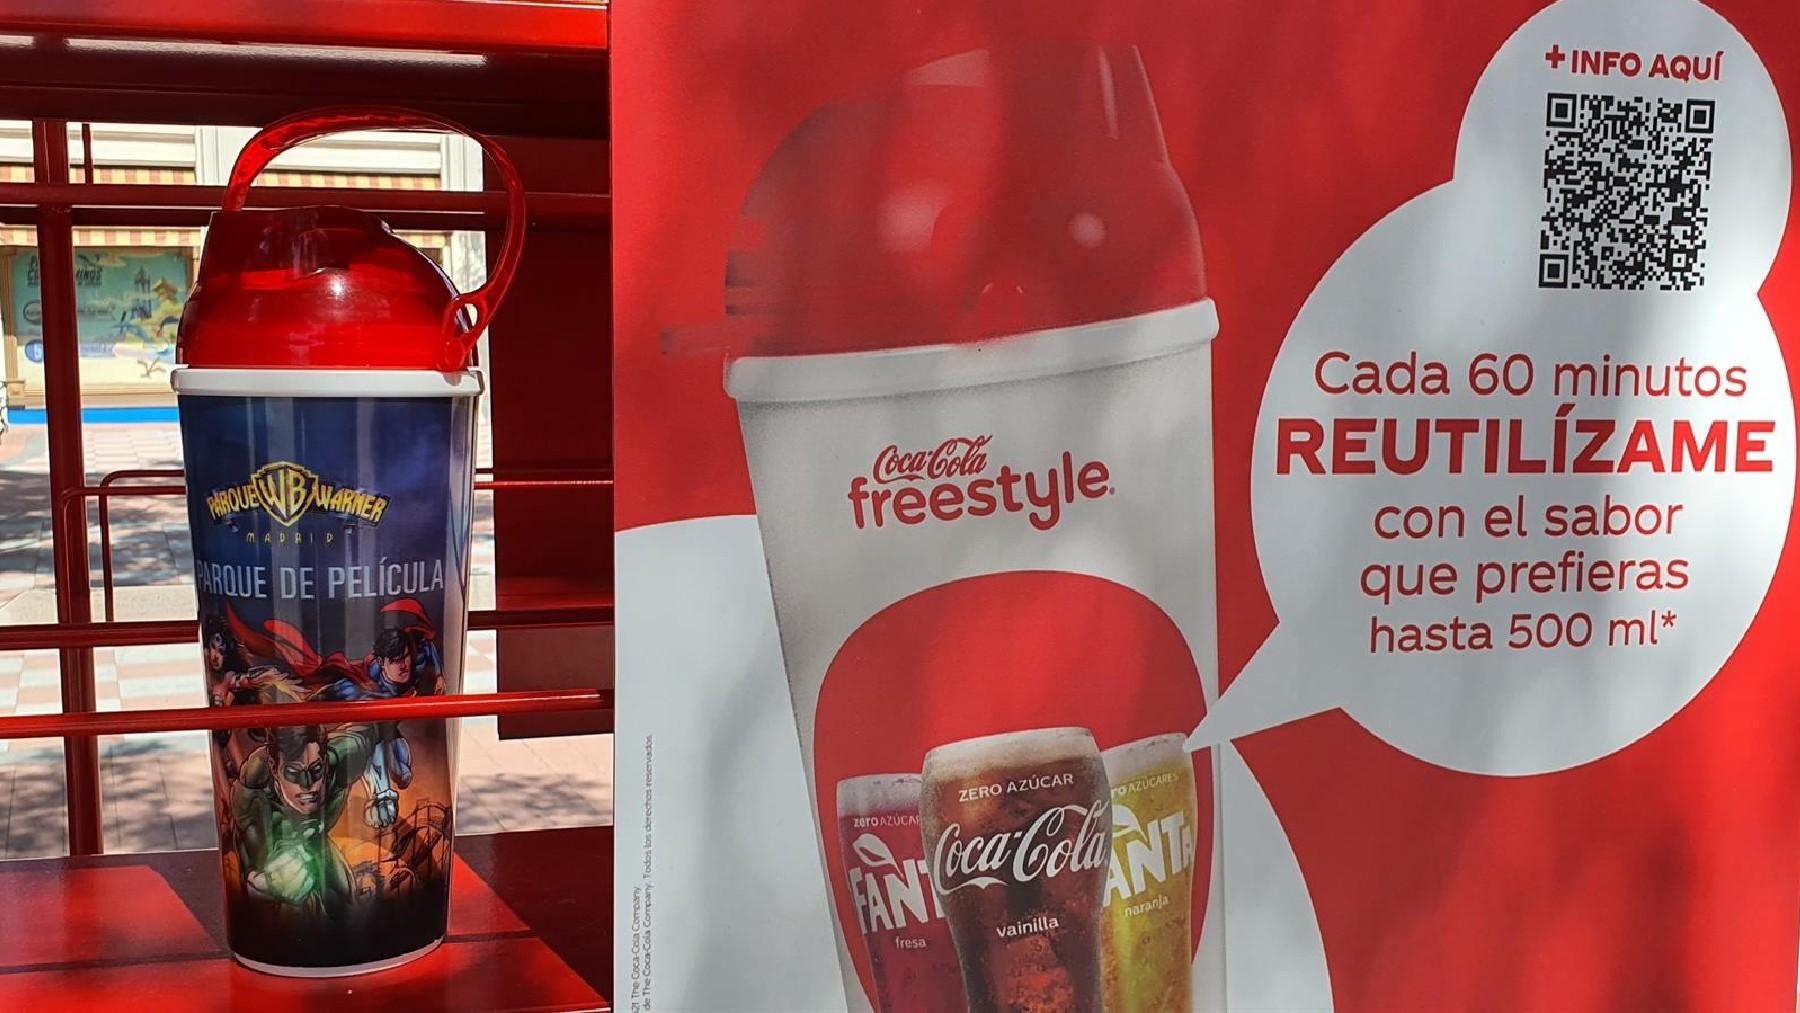 Dispensador de CocaCola.